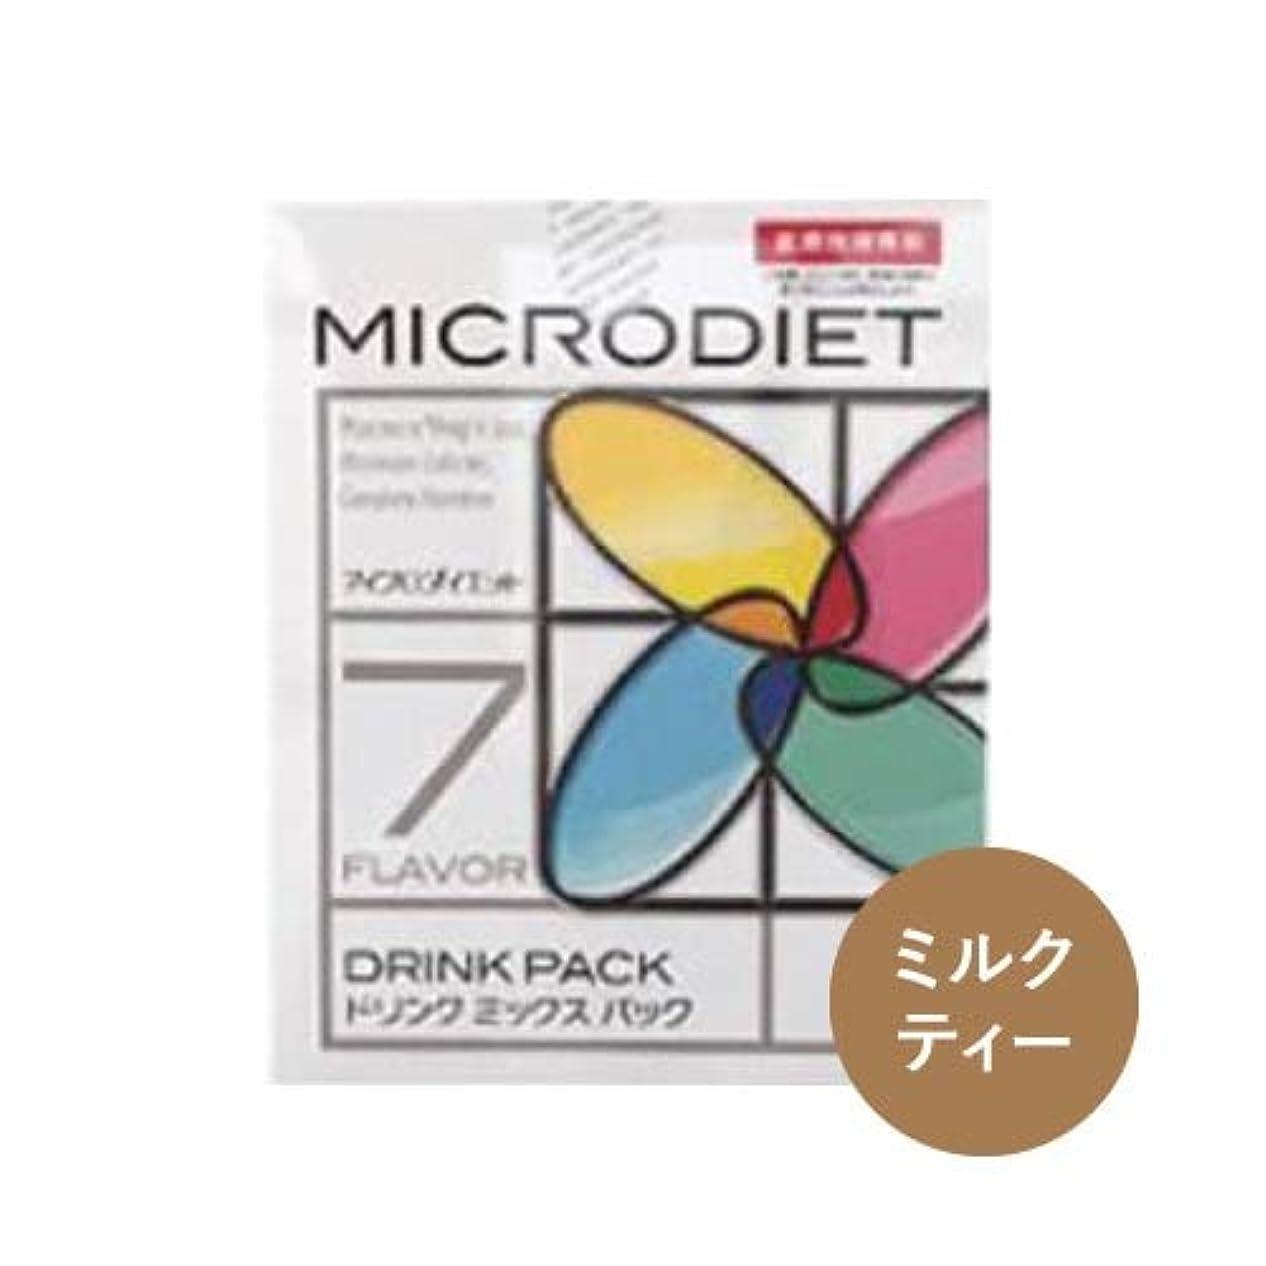 非武装化ギャング忌み嫌うマイクロダイエット MICRODIET ドリンクタイプ 7食 抹茶味